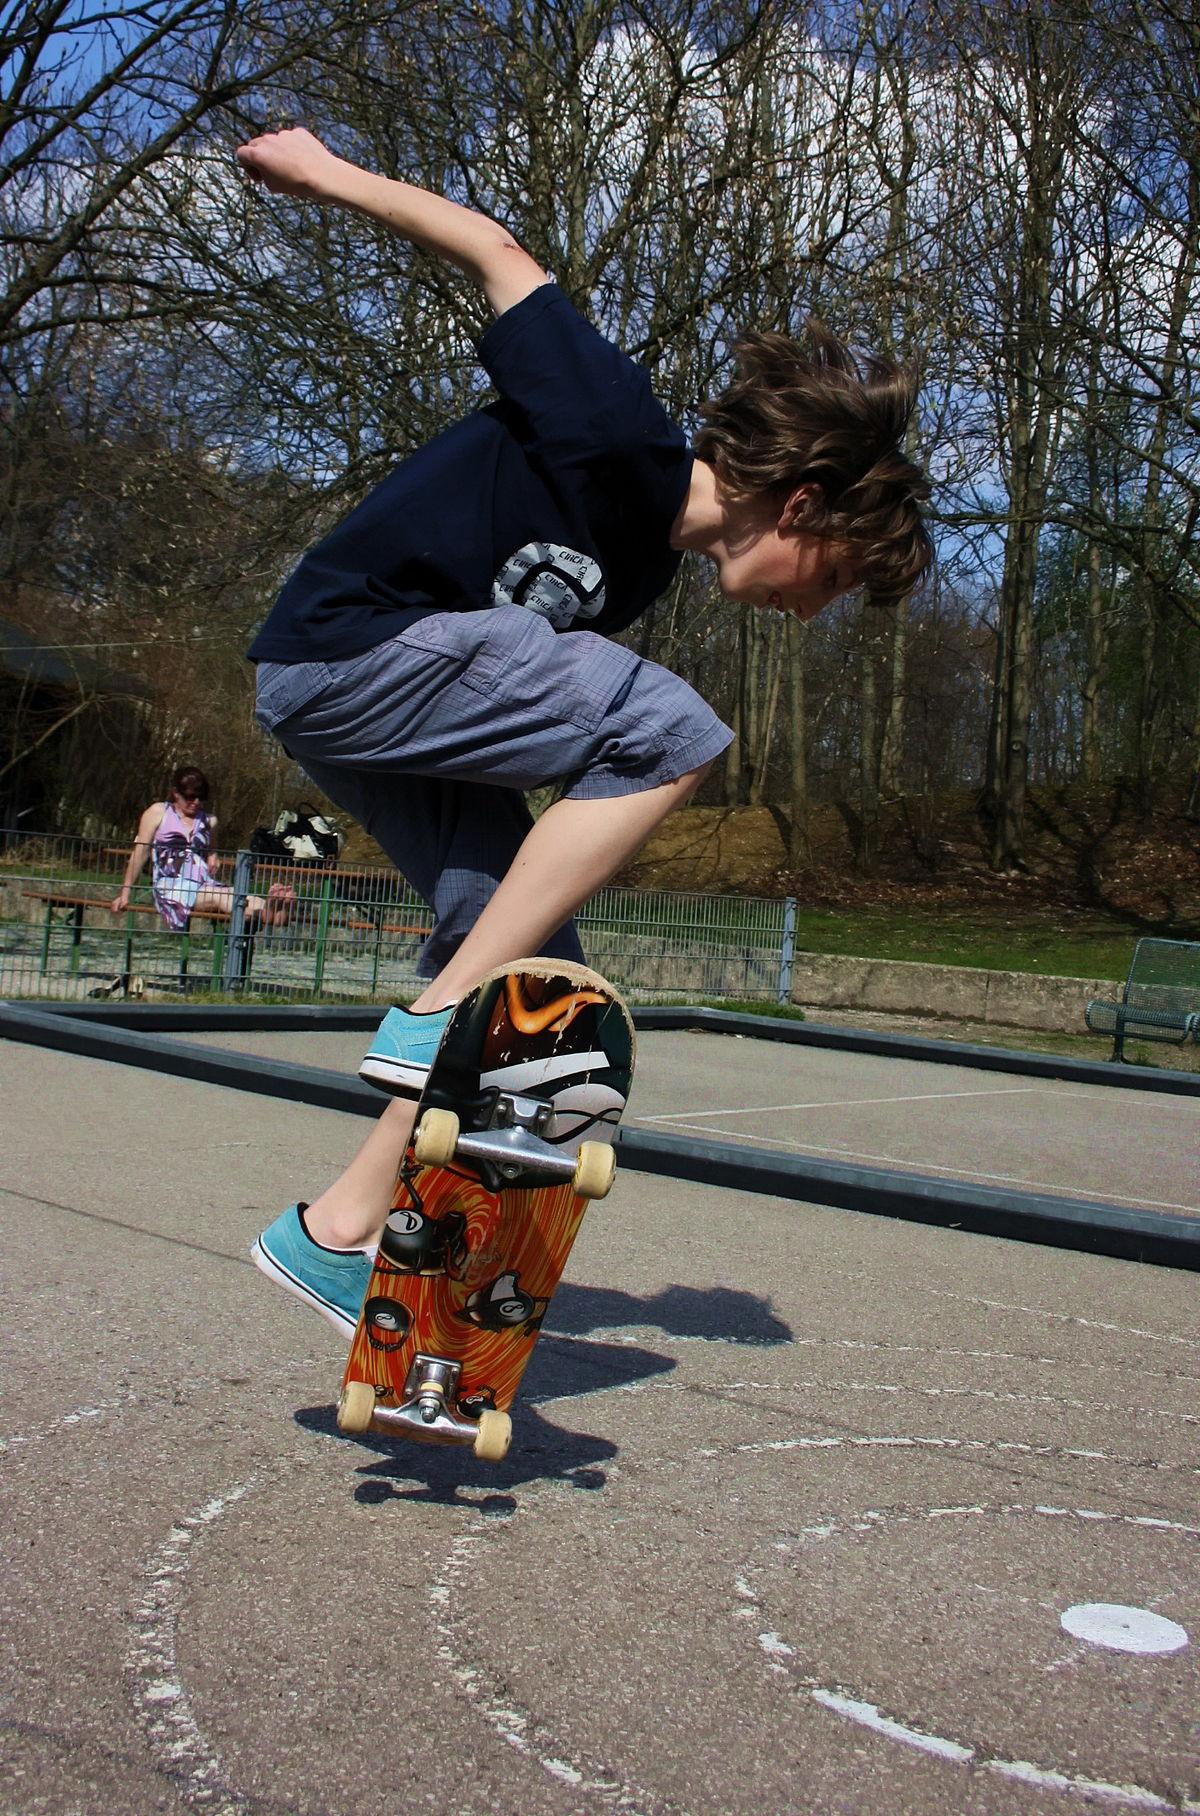 Skateboard - Wikipedia, den frie encyklopædi